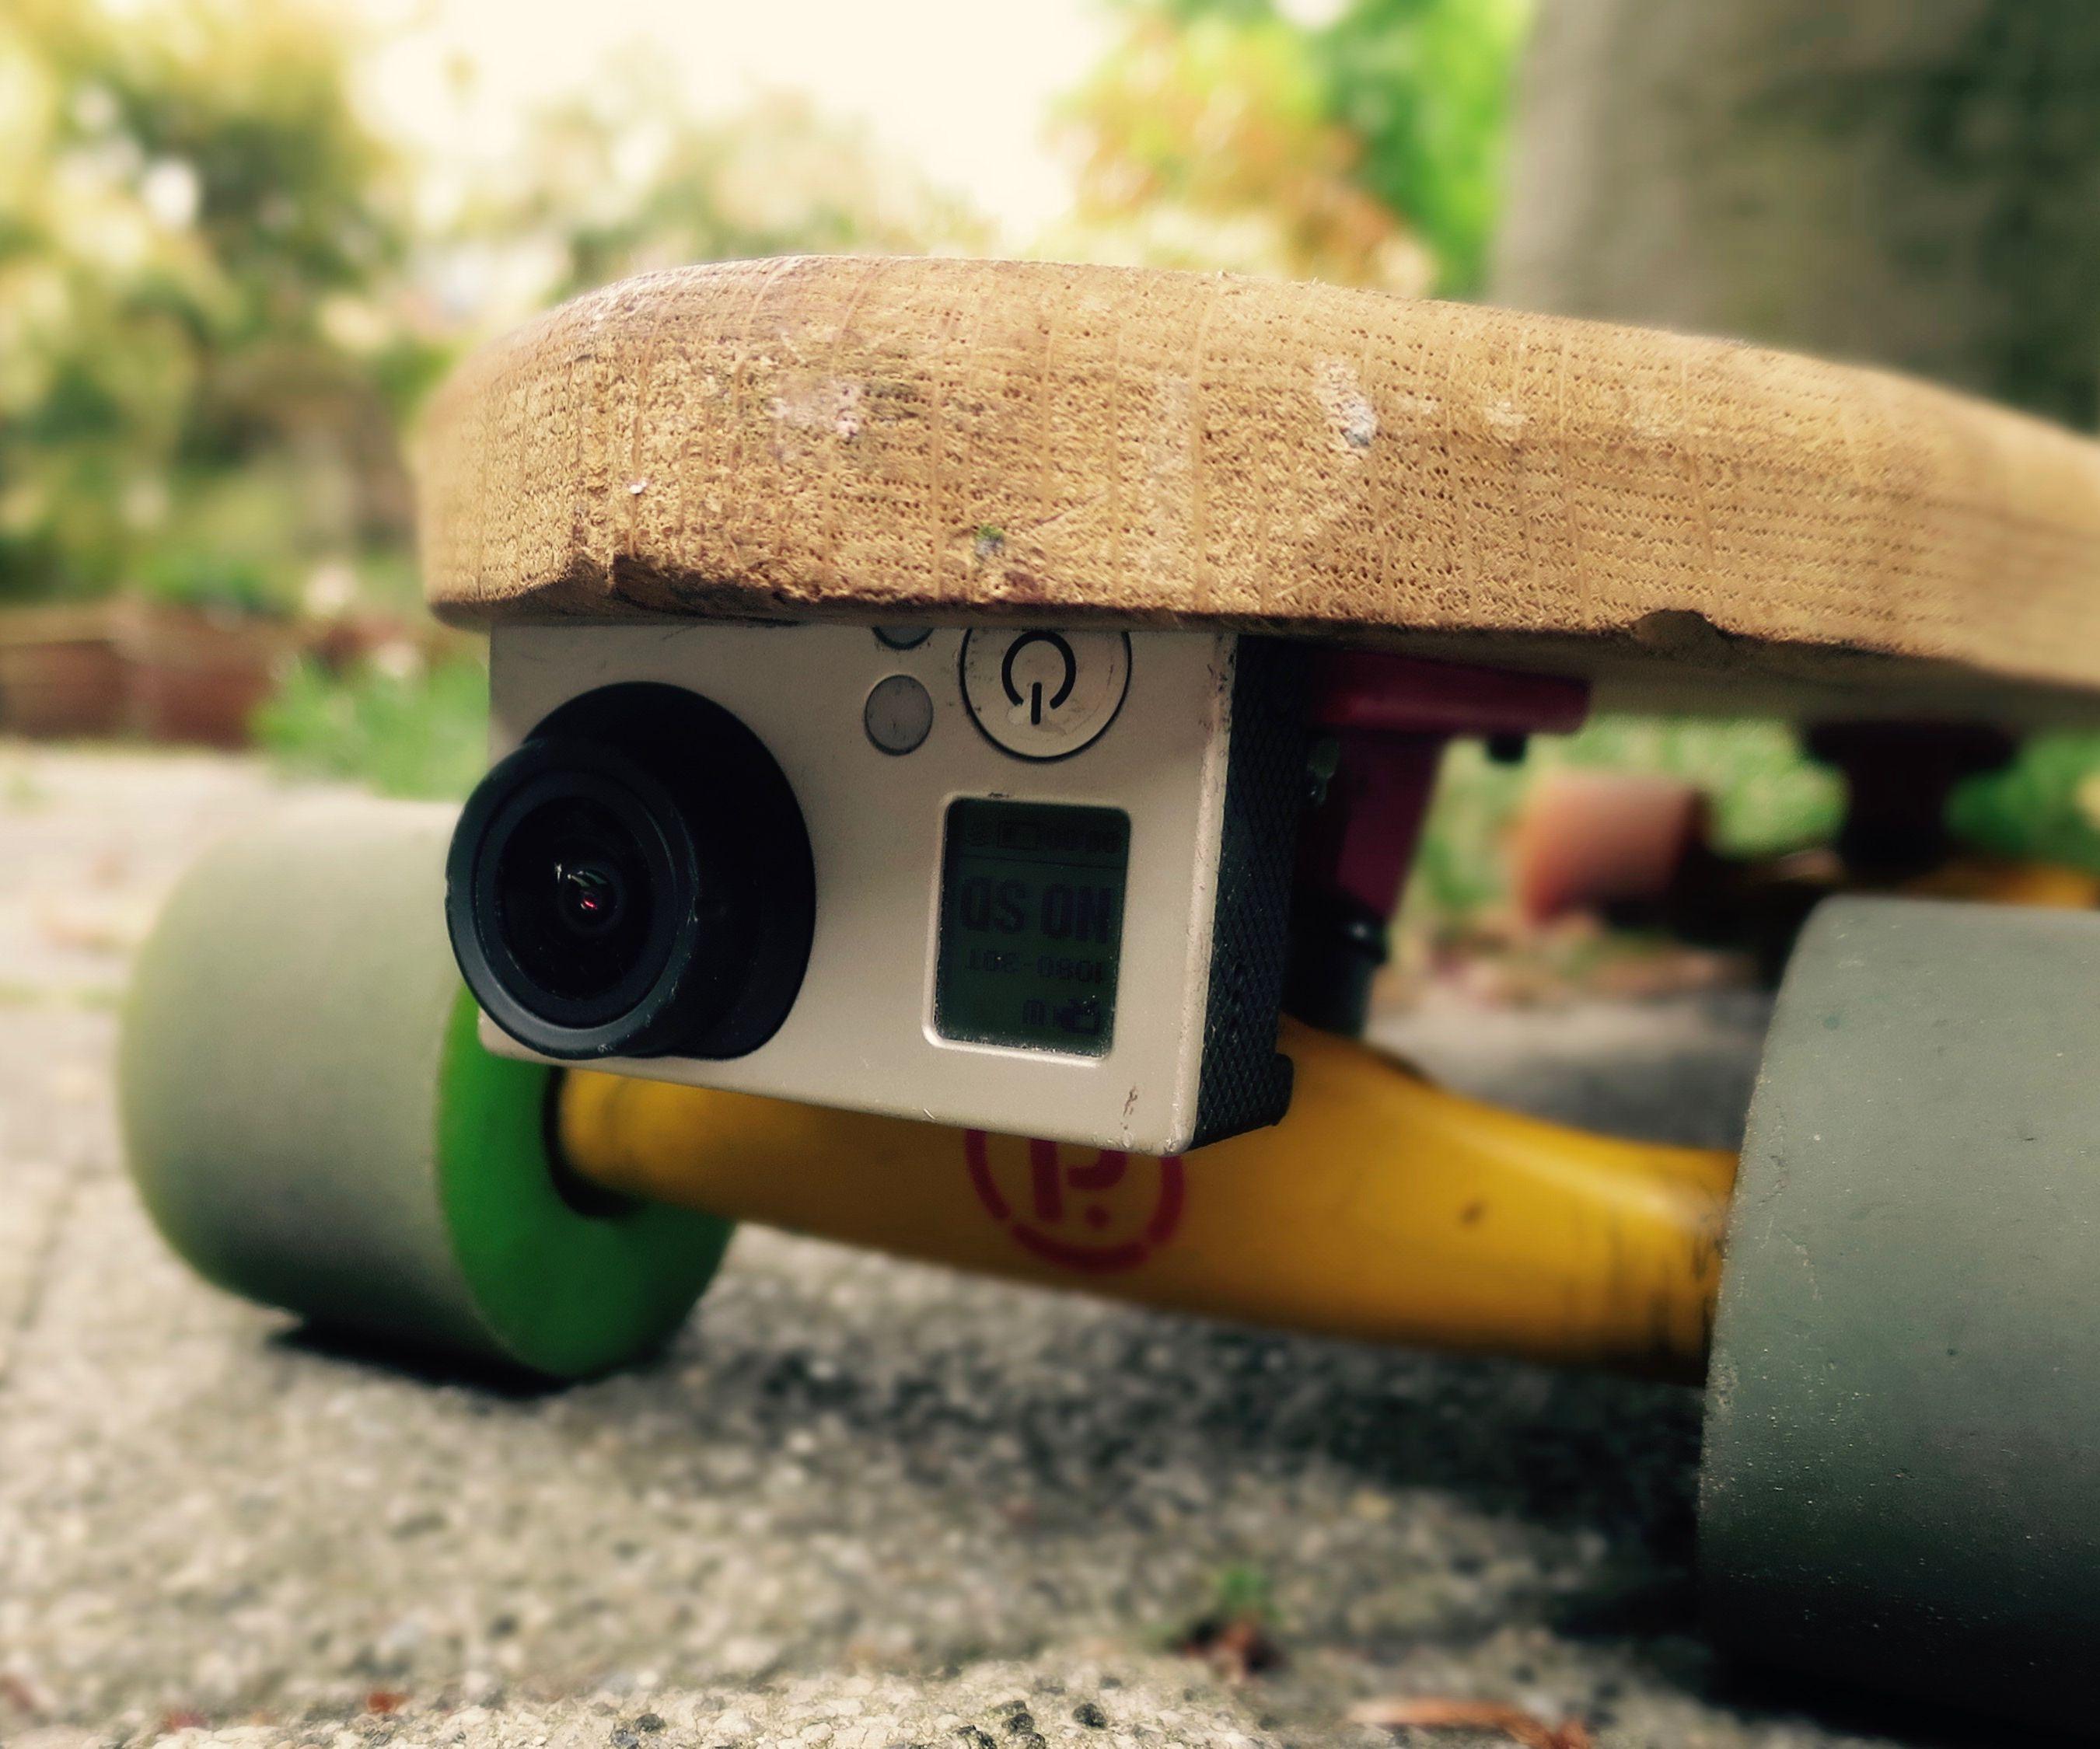 Gopro holder for skate-DIY